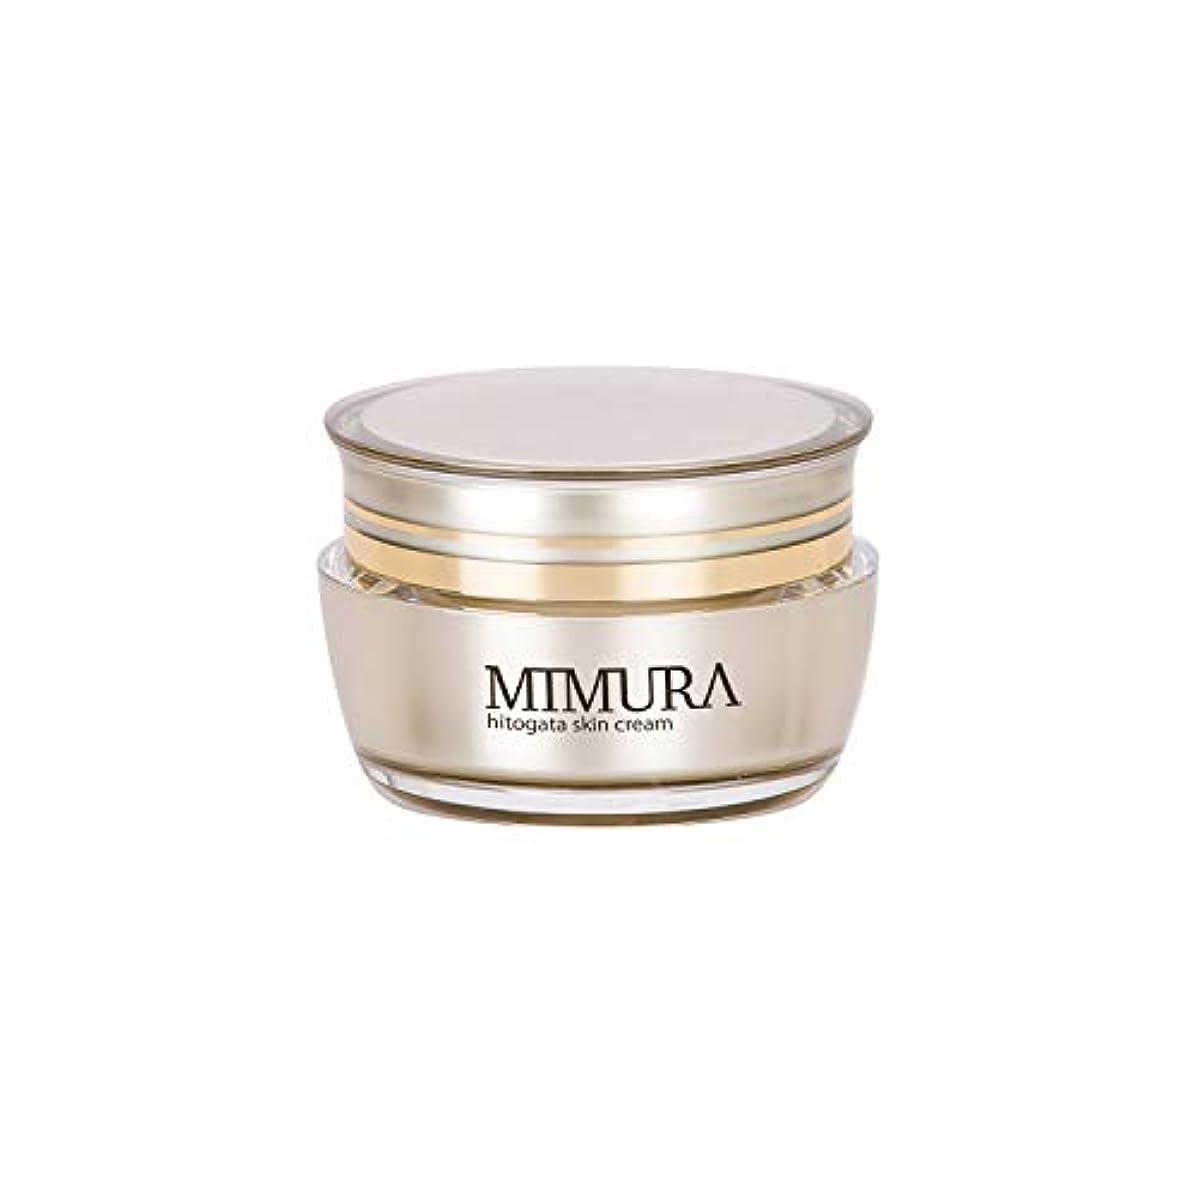 保有者先に合理化ヒト幹細胞 保湿クリーム ブースター ミムラ hitogata スキン クリーム 30g MIMURA 日本製